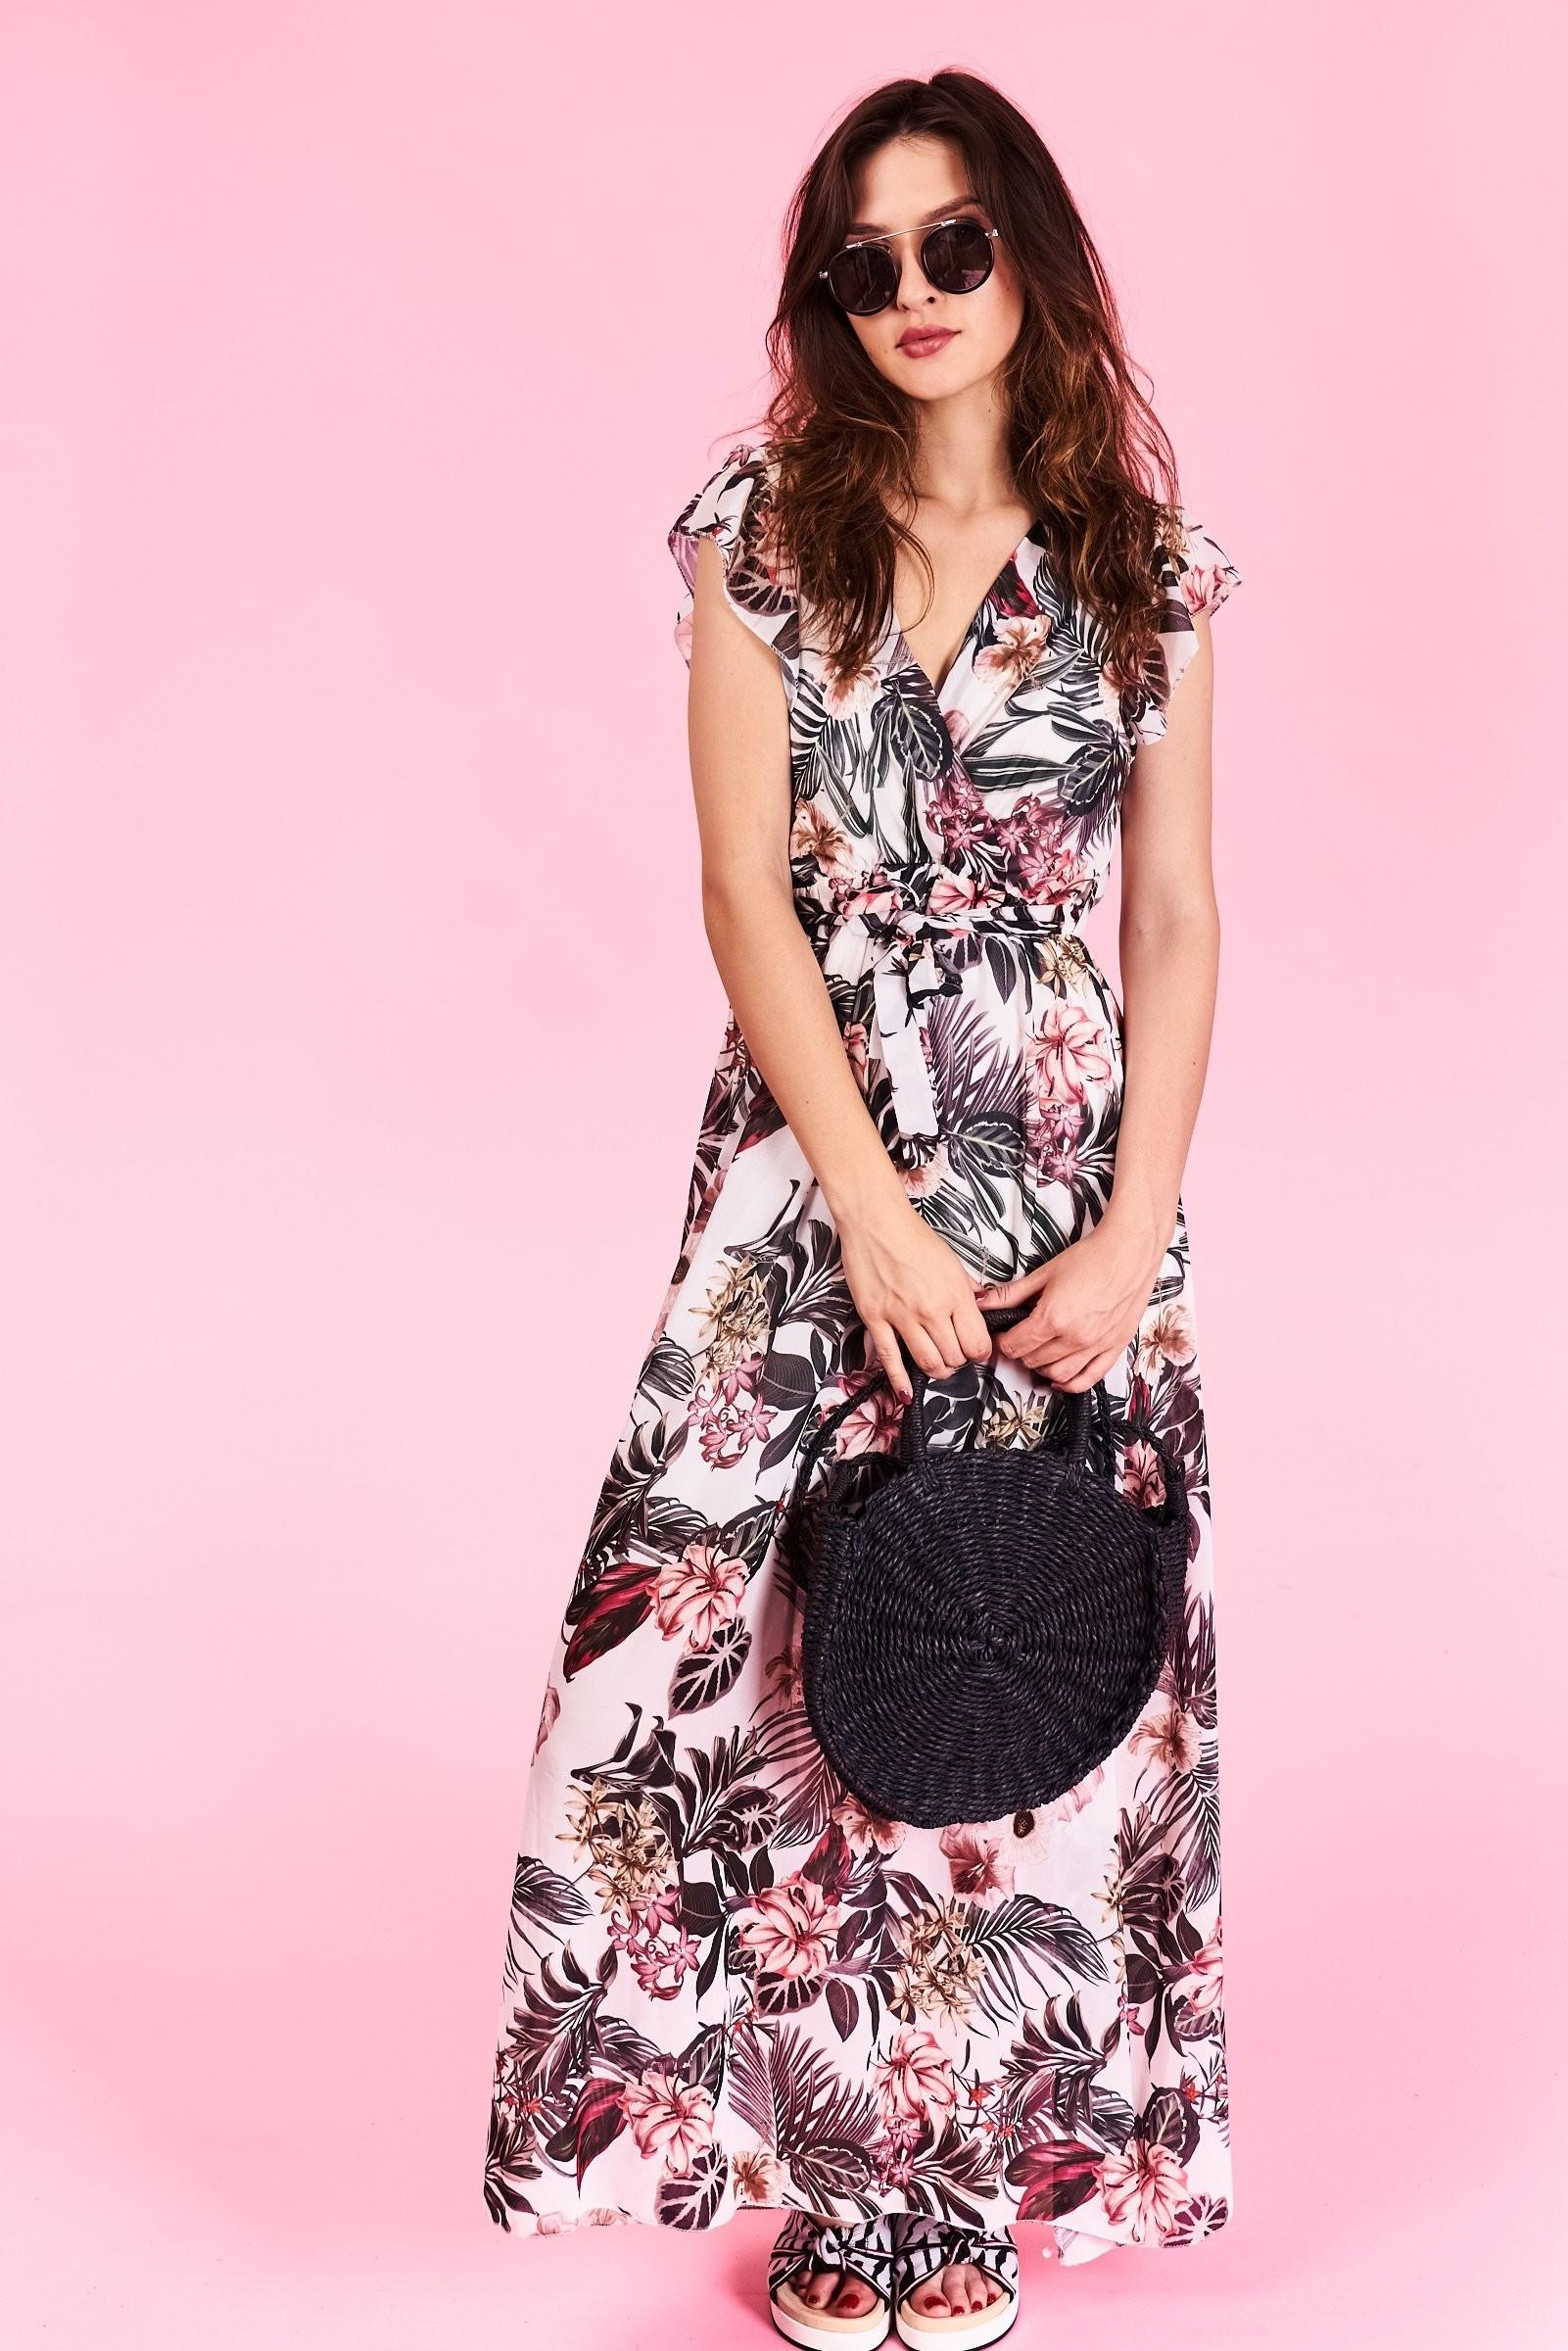 779e778dde69 Dlhé letné šaty Megan Veľkosť UNI-verzálna Vyrobené z príjemného materiálu.  Letné pohodlné šaty